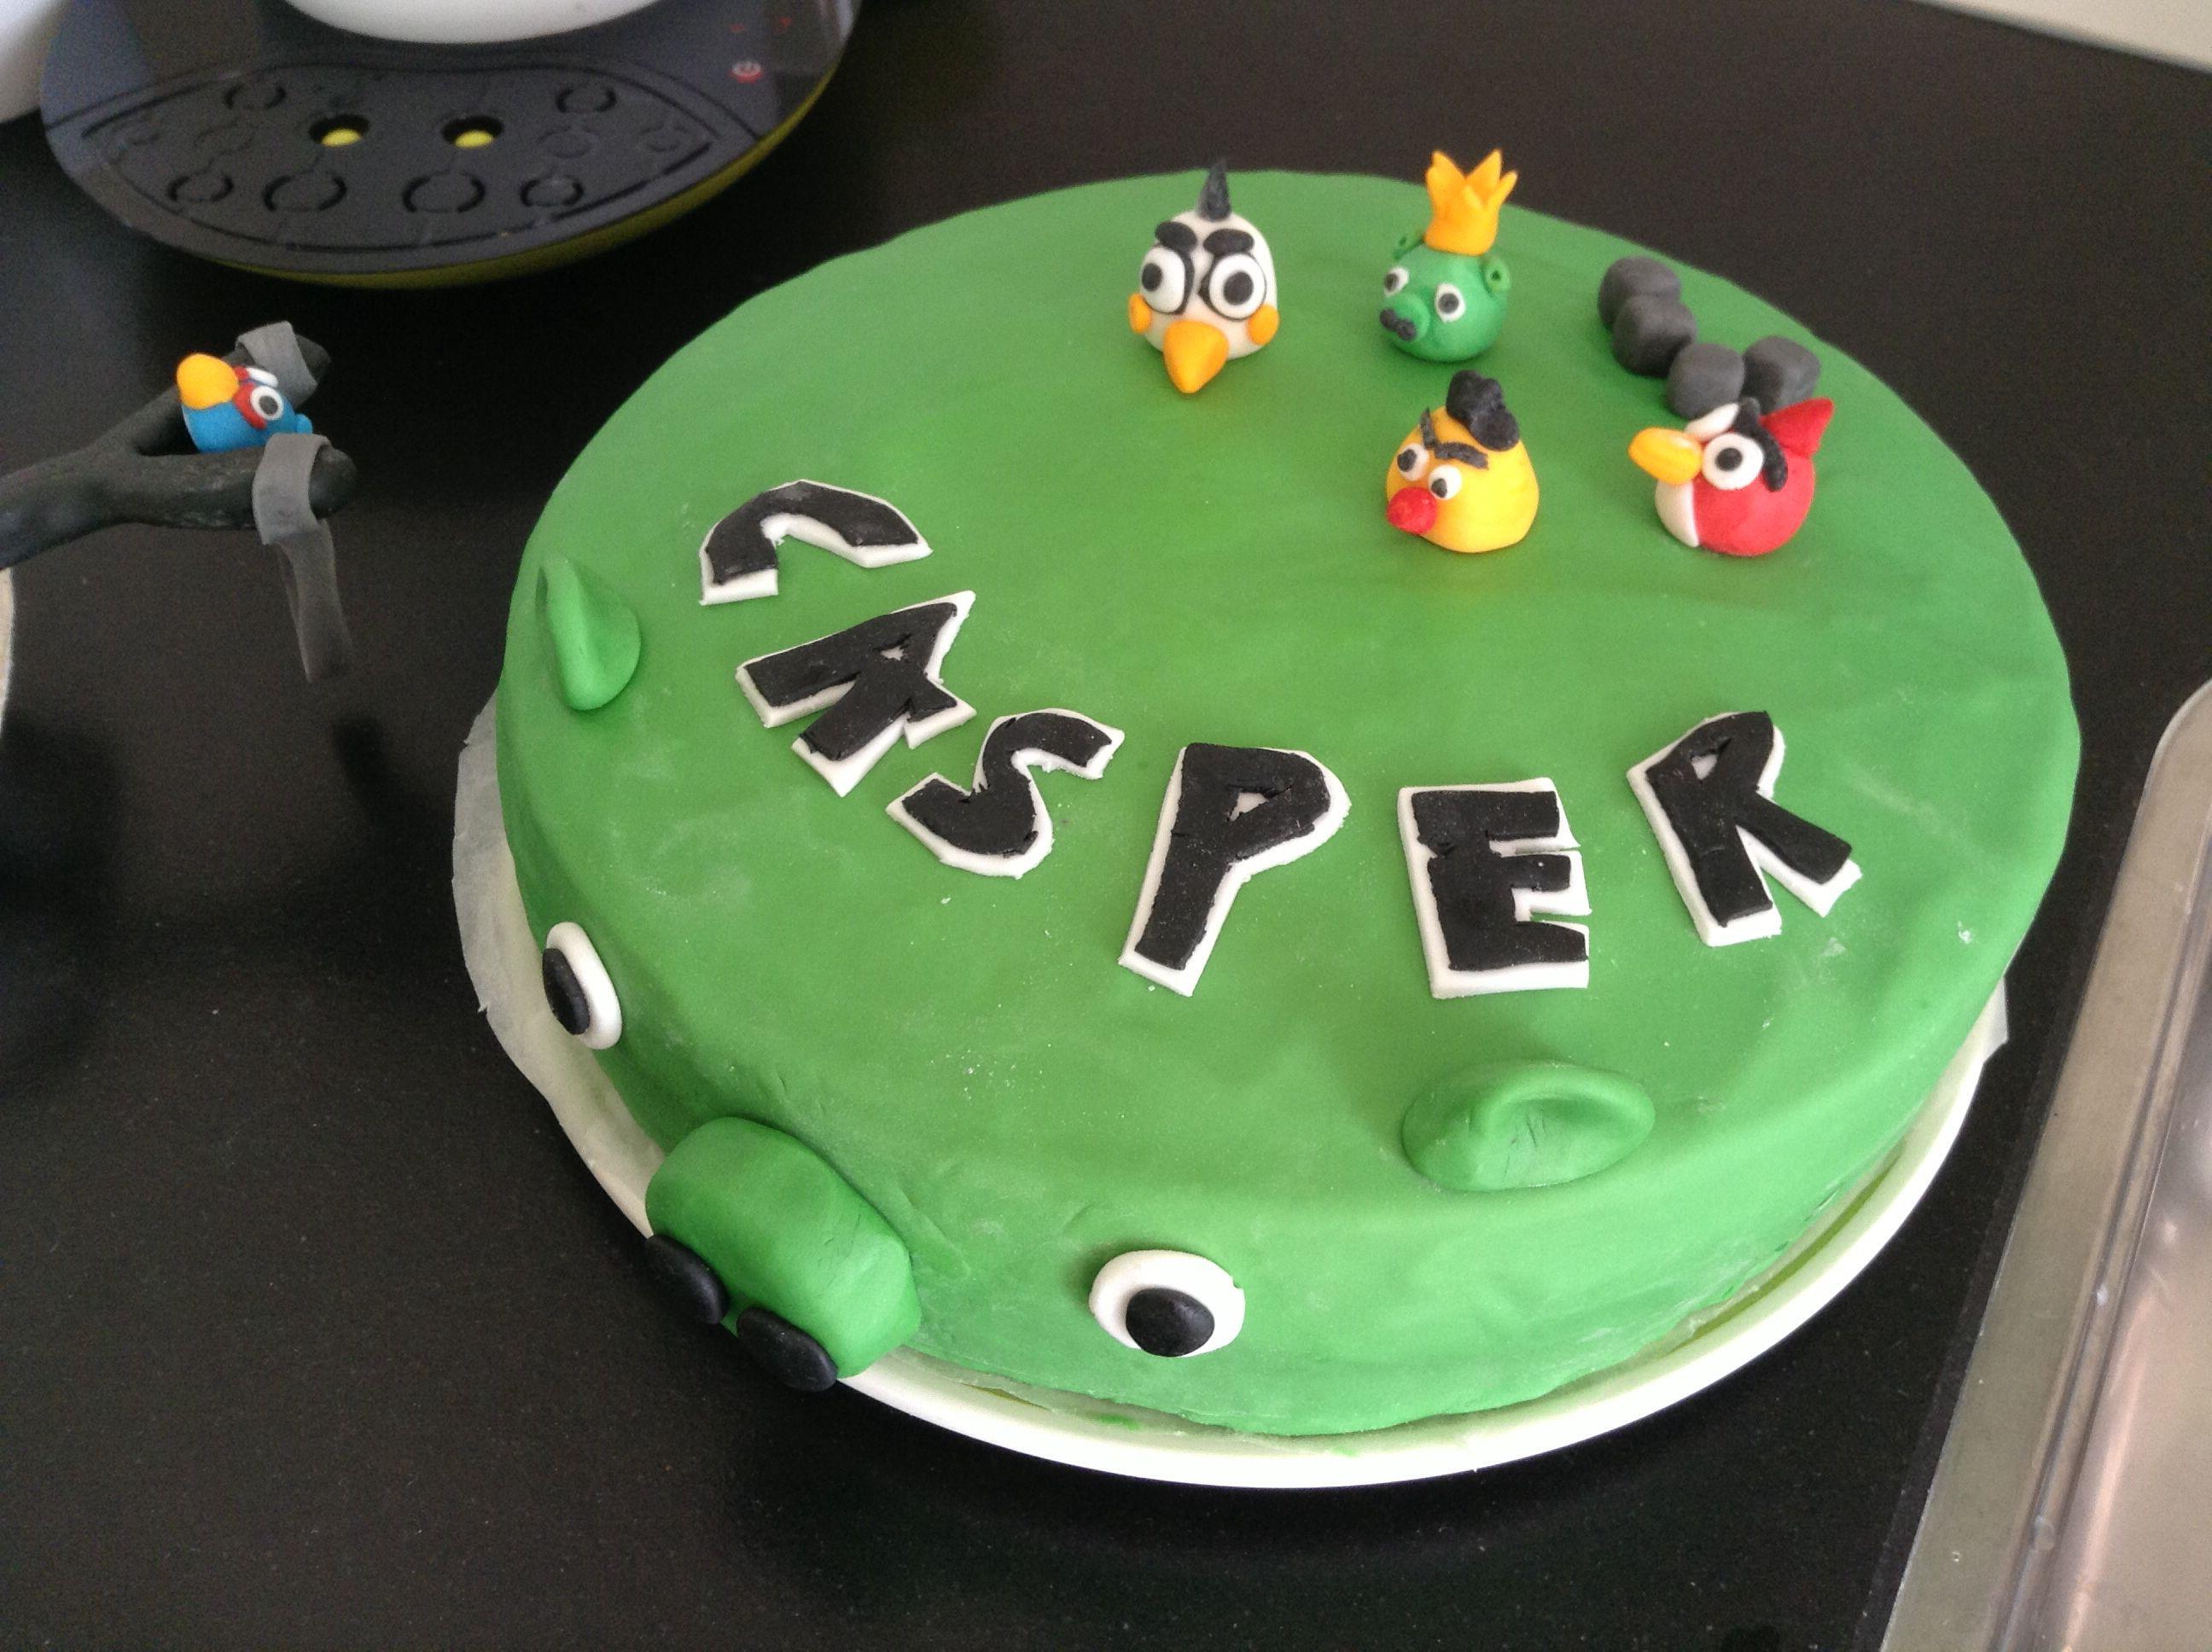 Mijn allereerste angry bird taart. Gemaakt april 2013